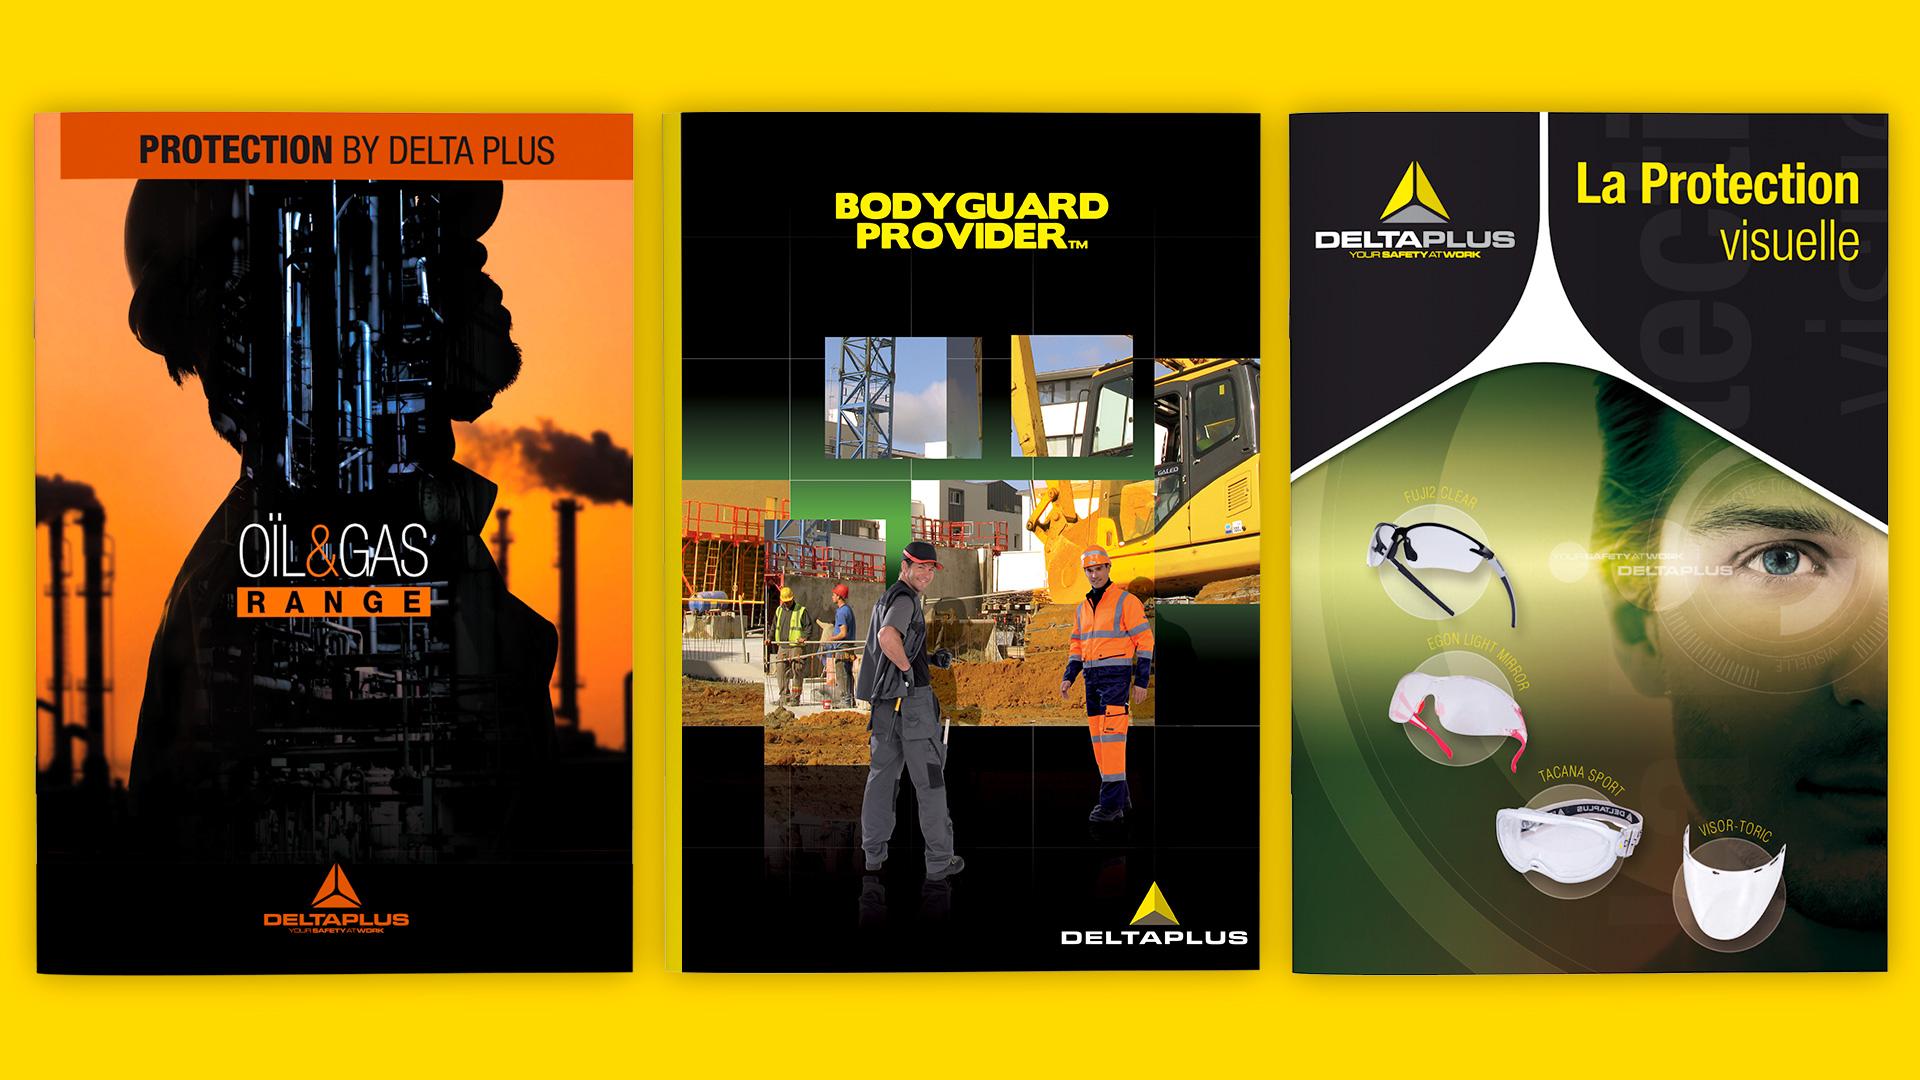 Couverture de brochures